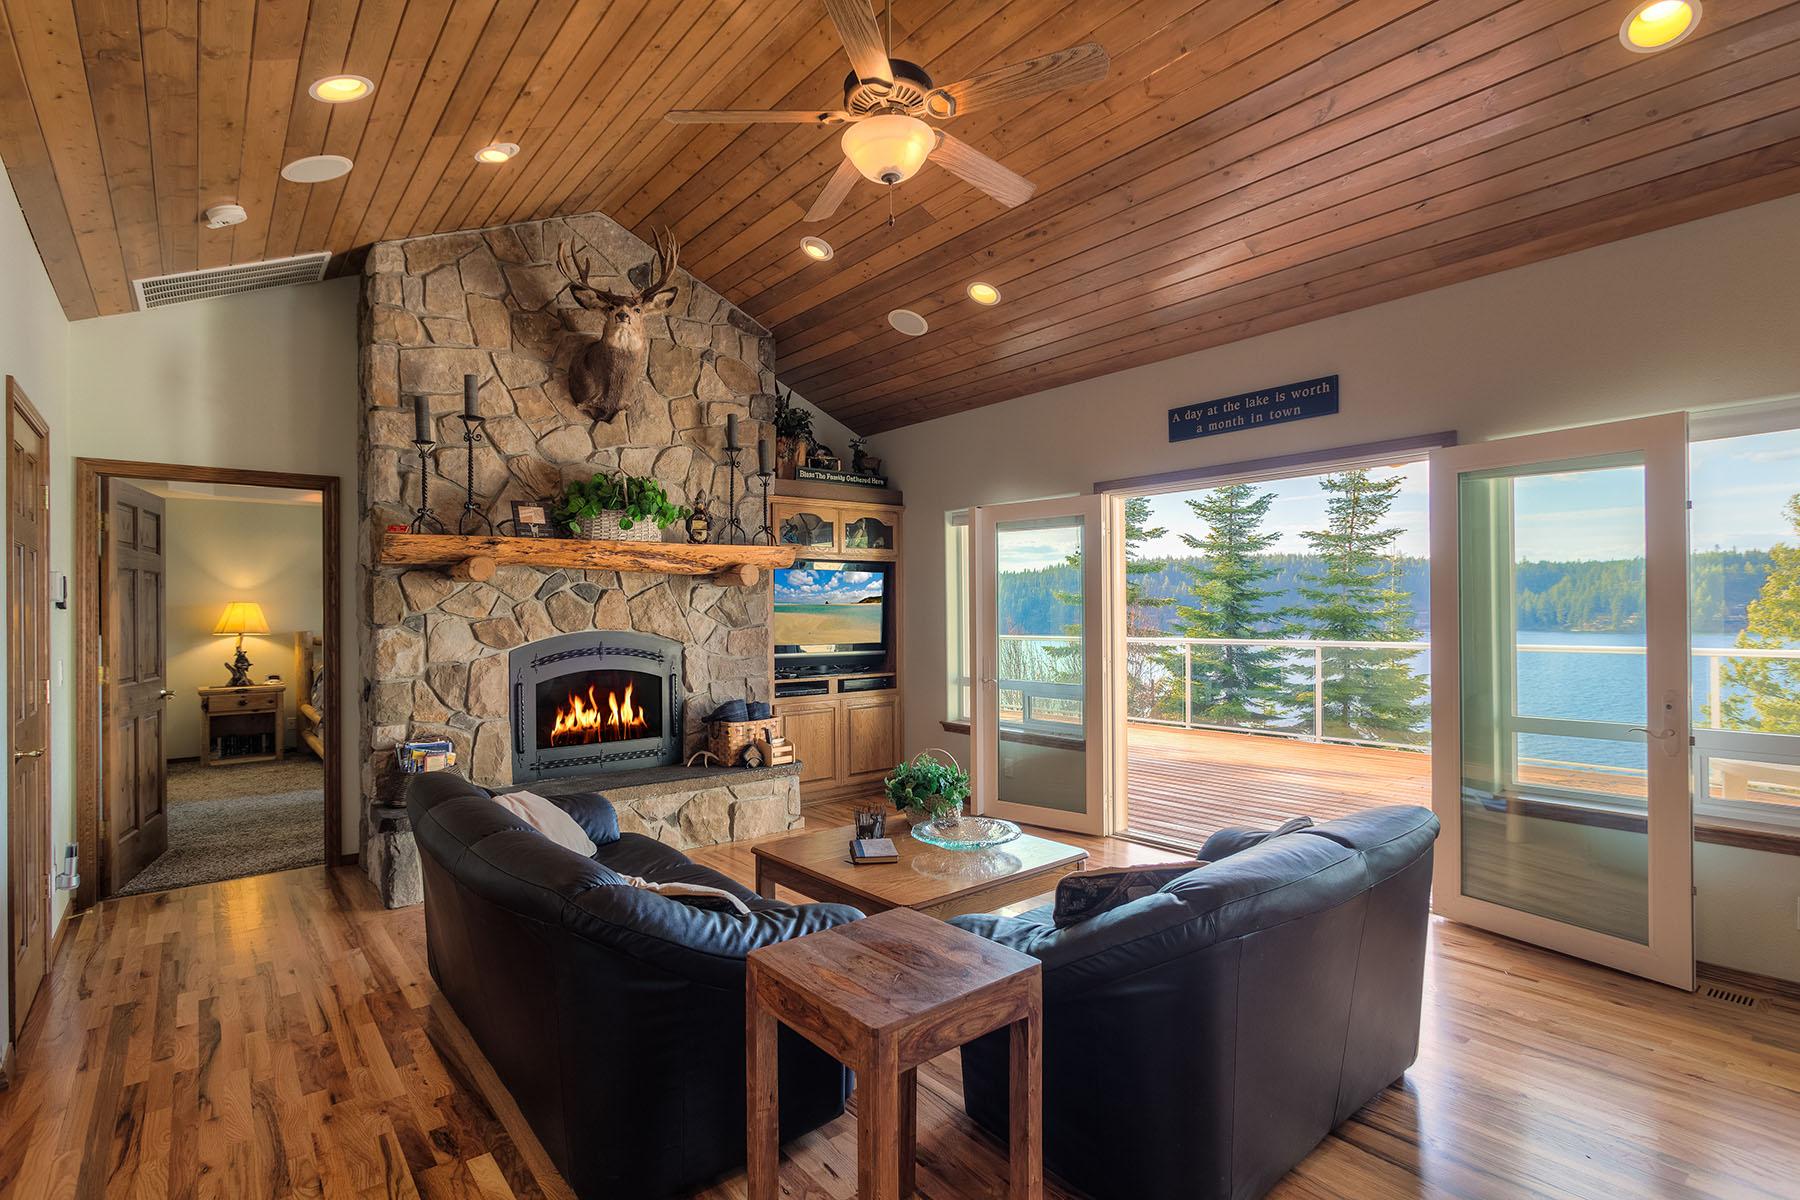 Casa Unifamiliar por un Venta en Hayden Lake Vacation Home Beauty 6701 E YELLOWBANK RD Hayden, Idaho, 83835 Estados Unidos